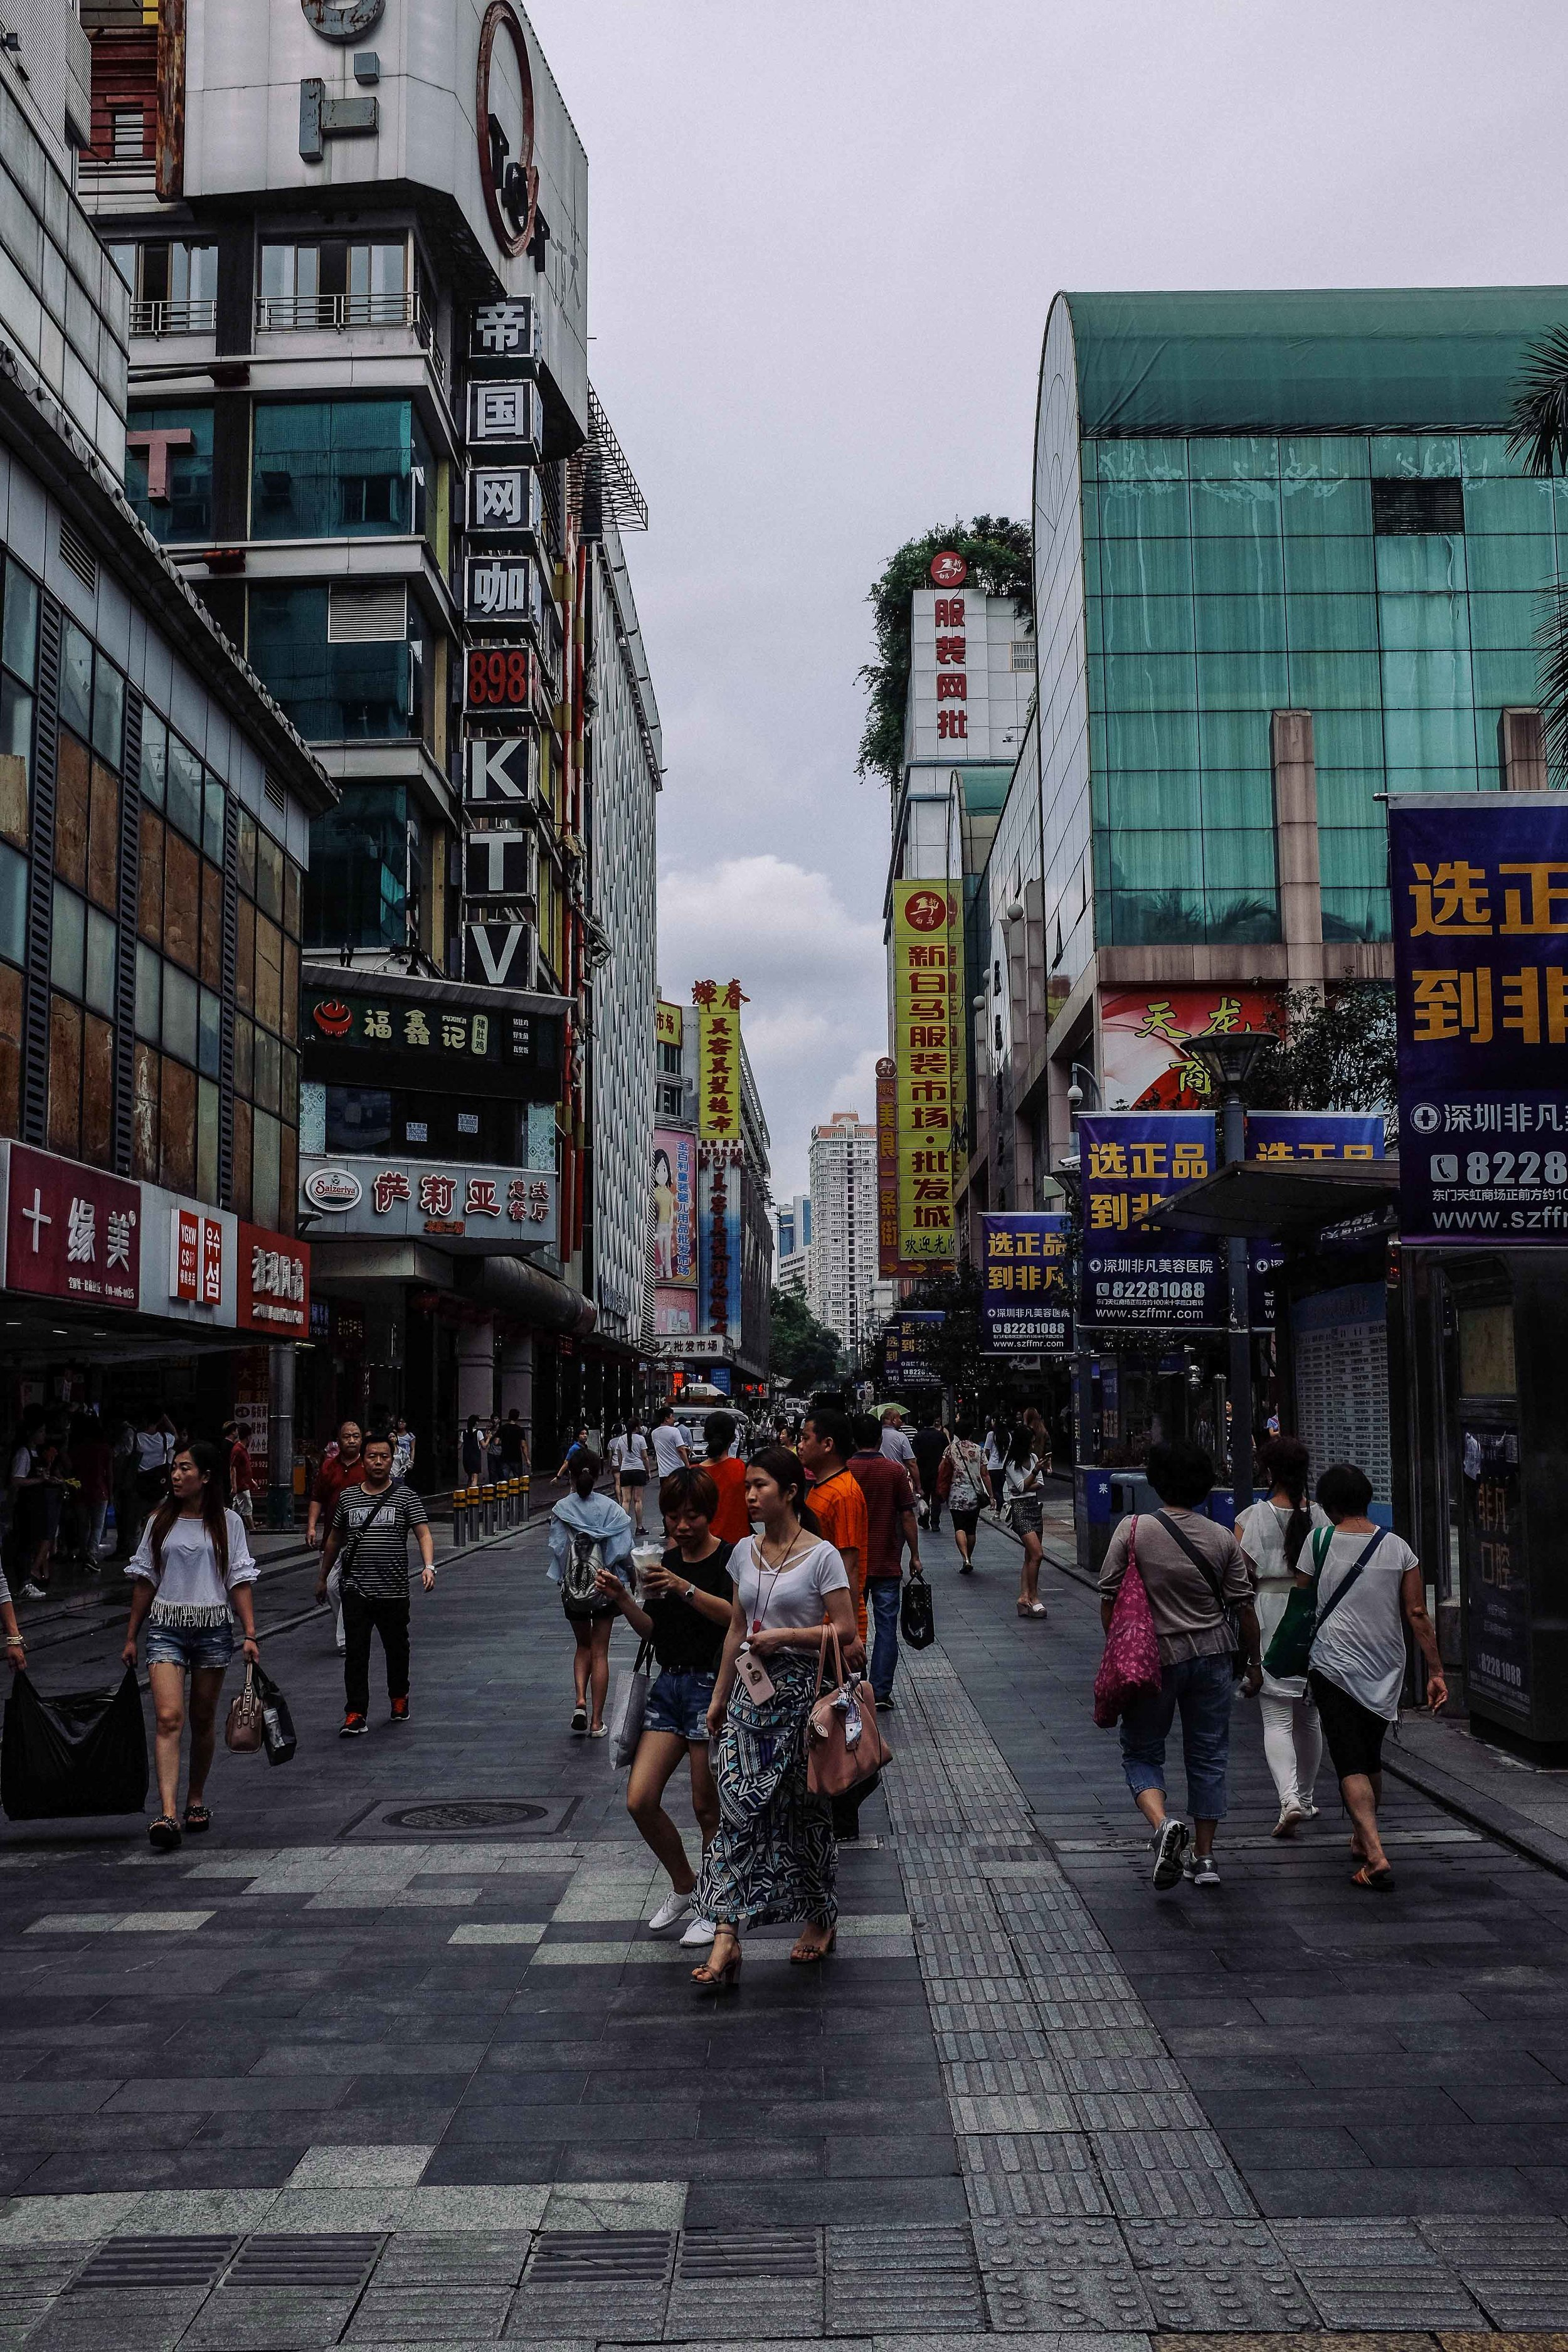 China_x100t_fujifilm_09.jpg